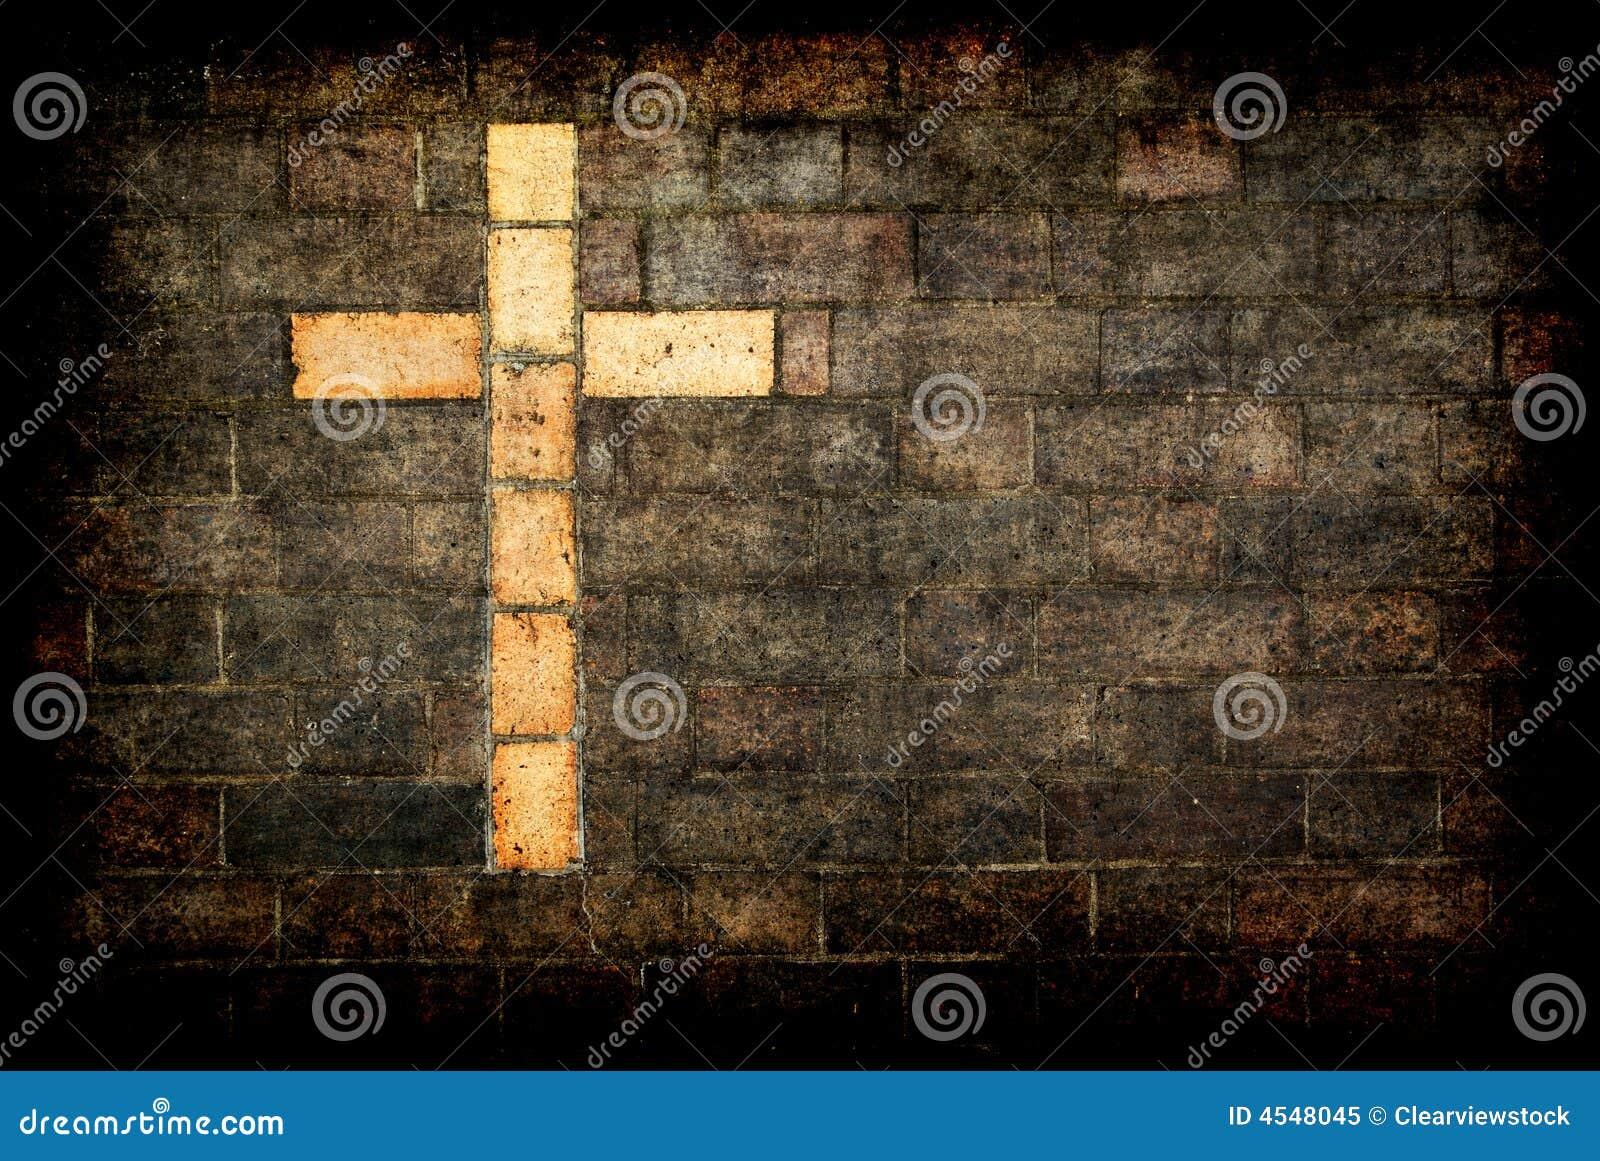 Ziegelstein Kreuz von Christ gemasert